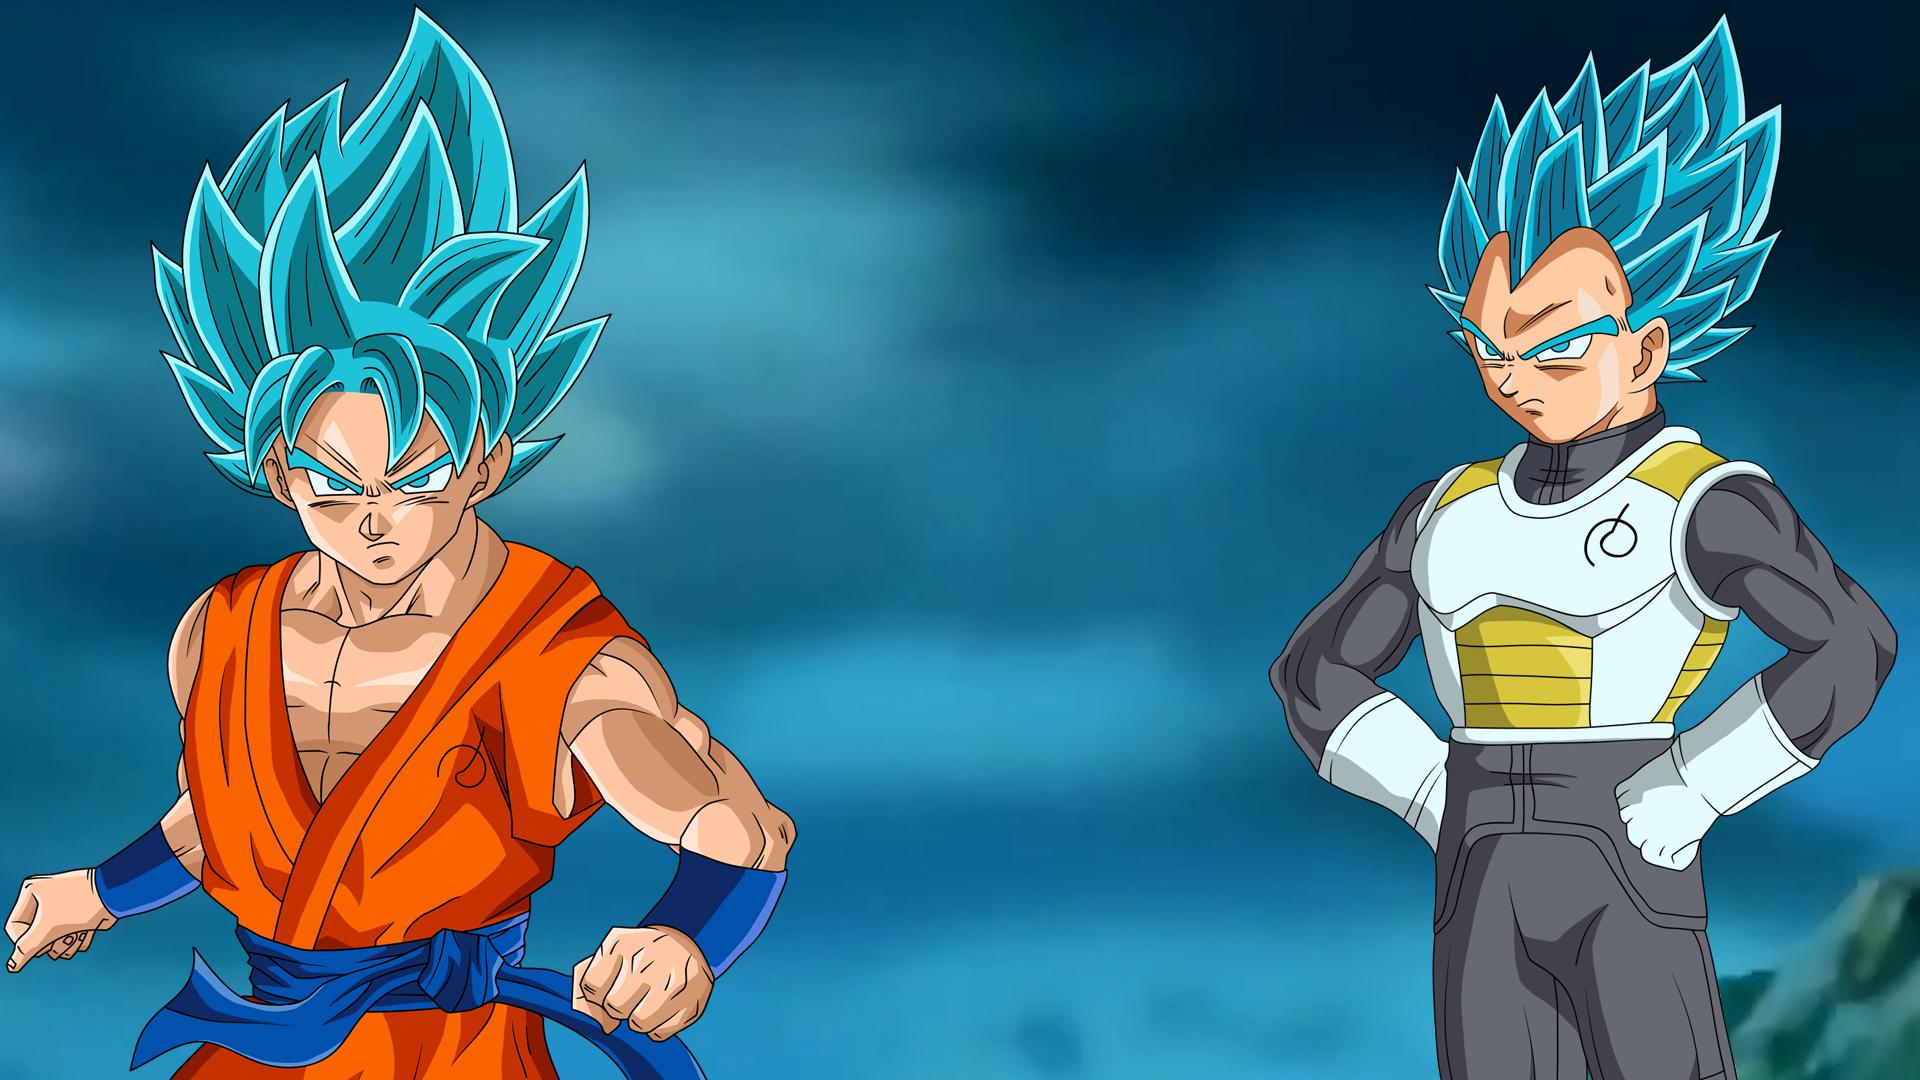 Goku And Vegeta Ssgss Fukkatsu No F Wallpaper By